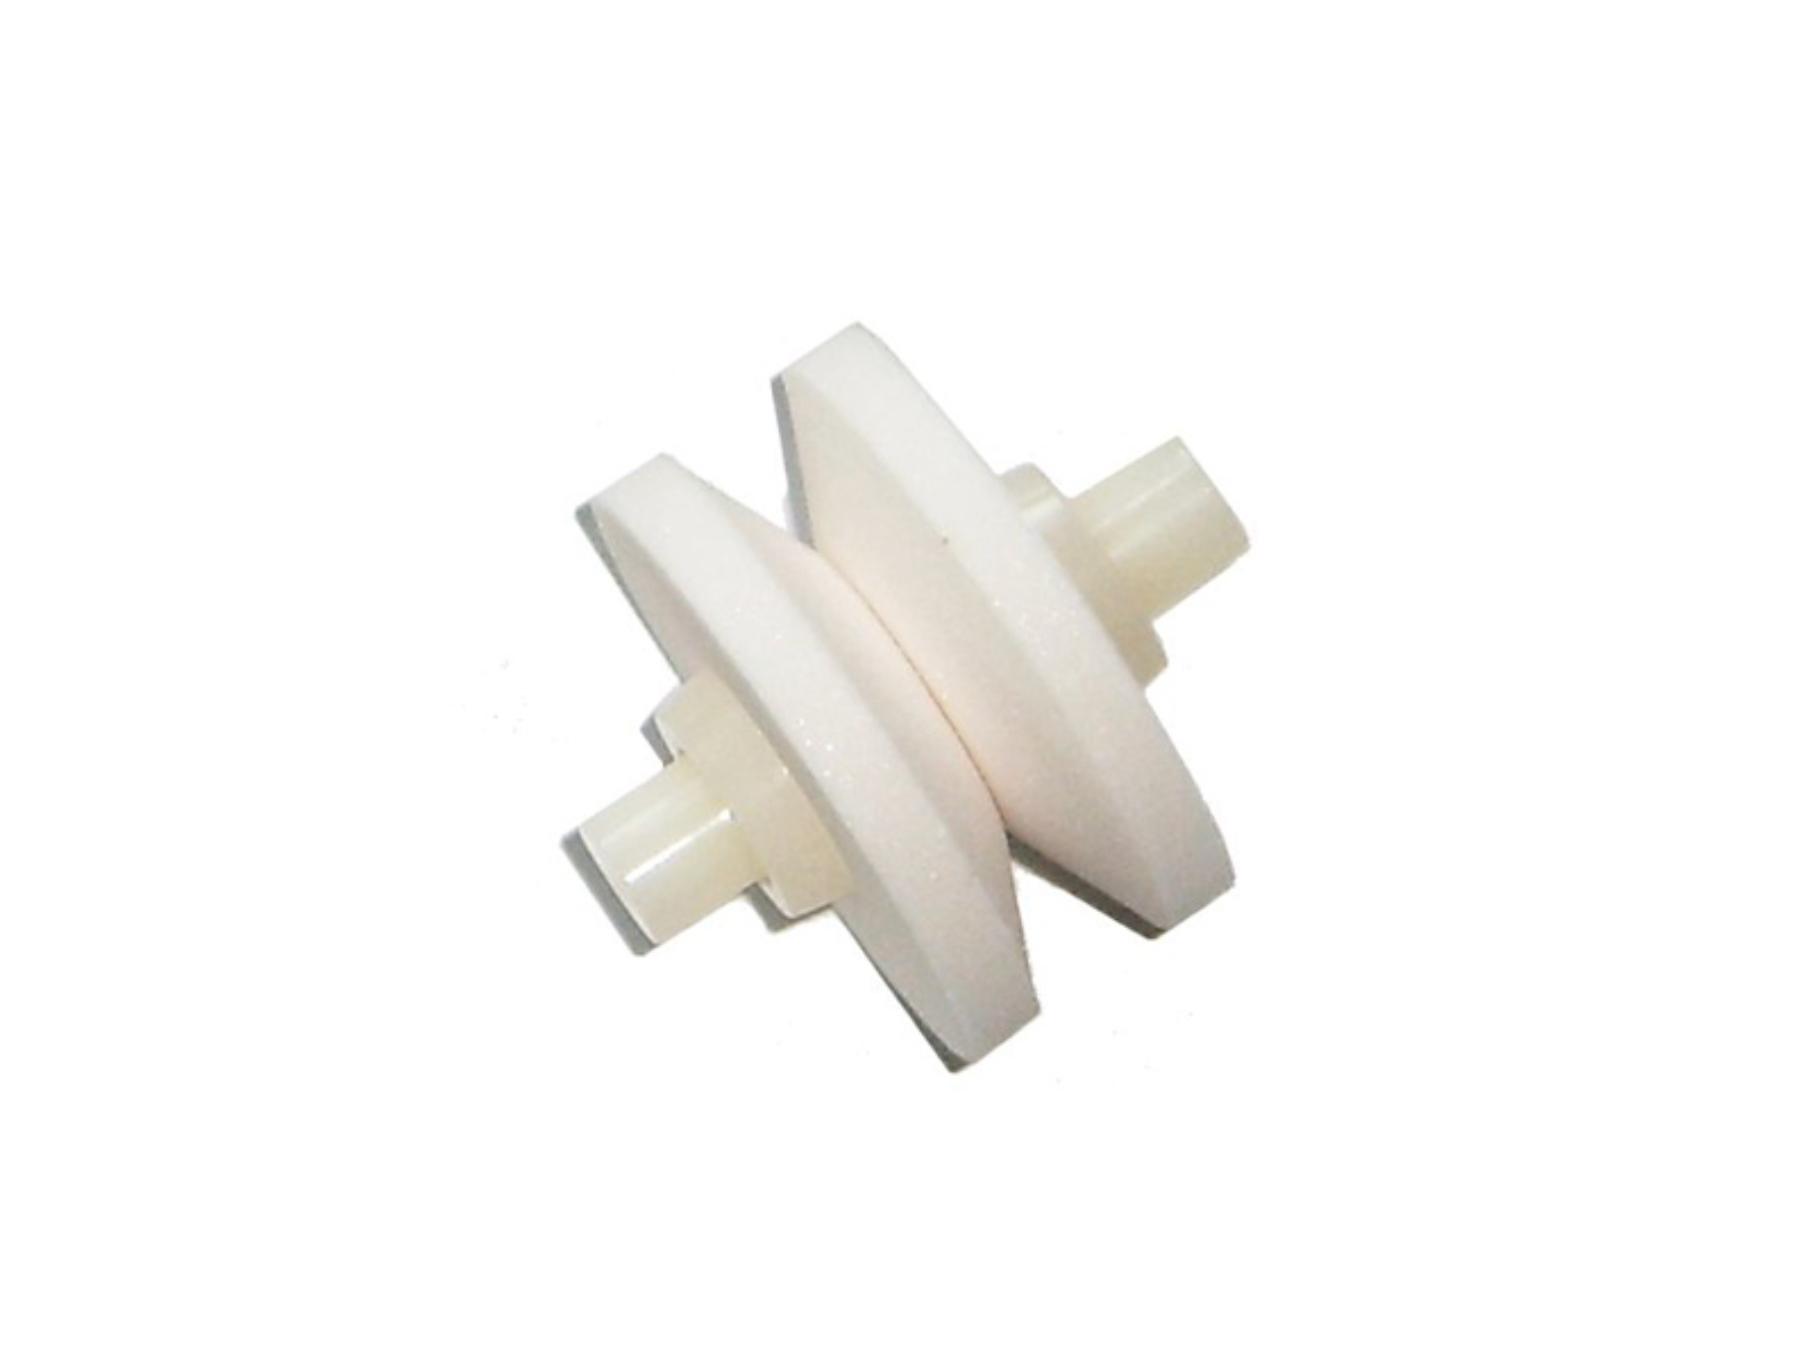 MinoSharp 444 Ersatz Keramikstein für 440-GB und 444-BR, weiß